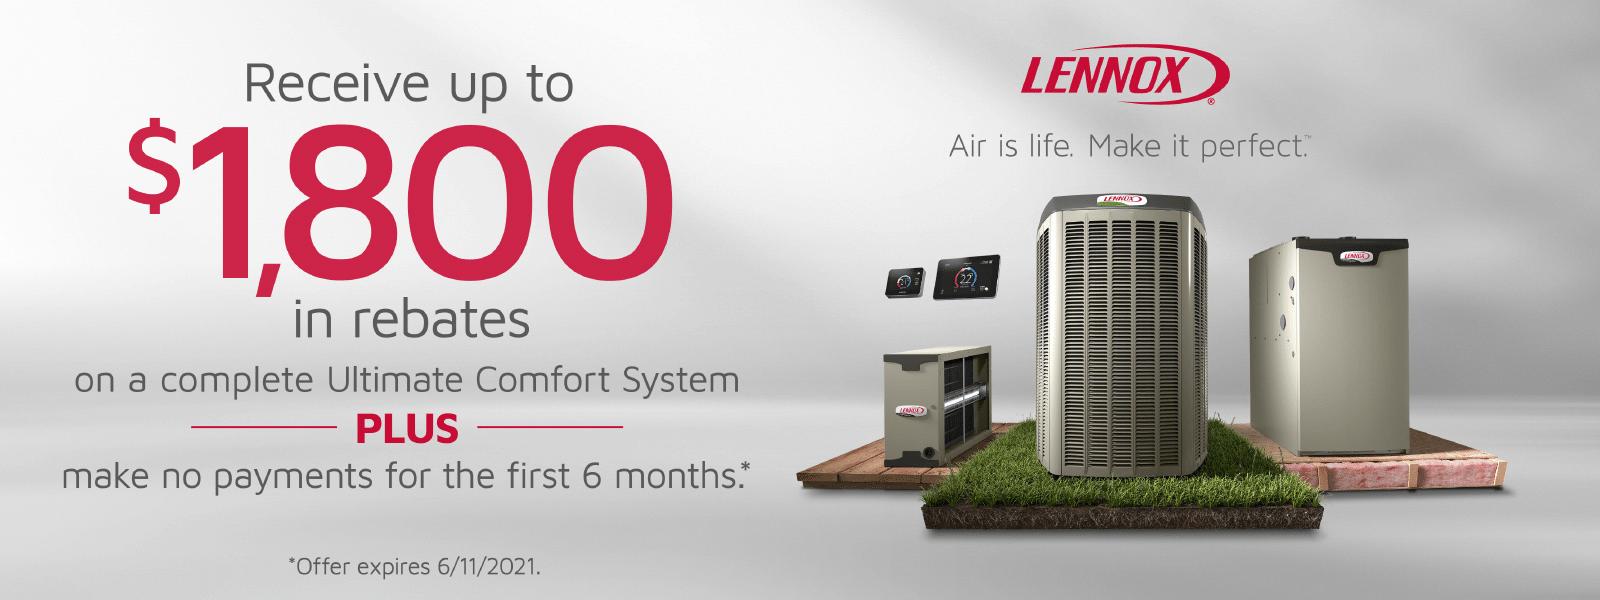 Lennox-Offer-1600x600